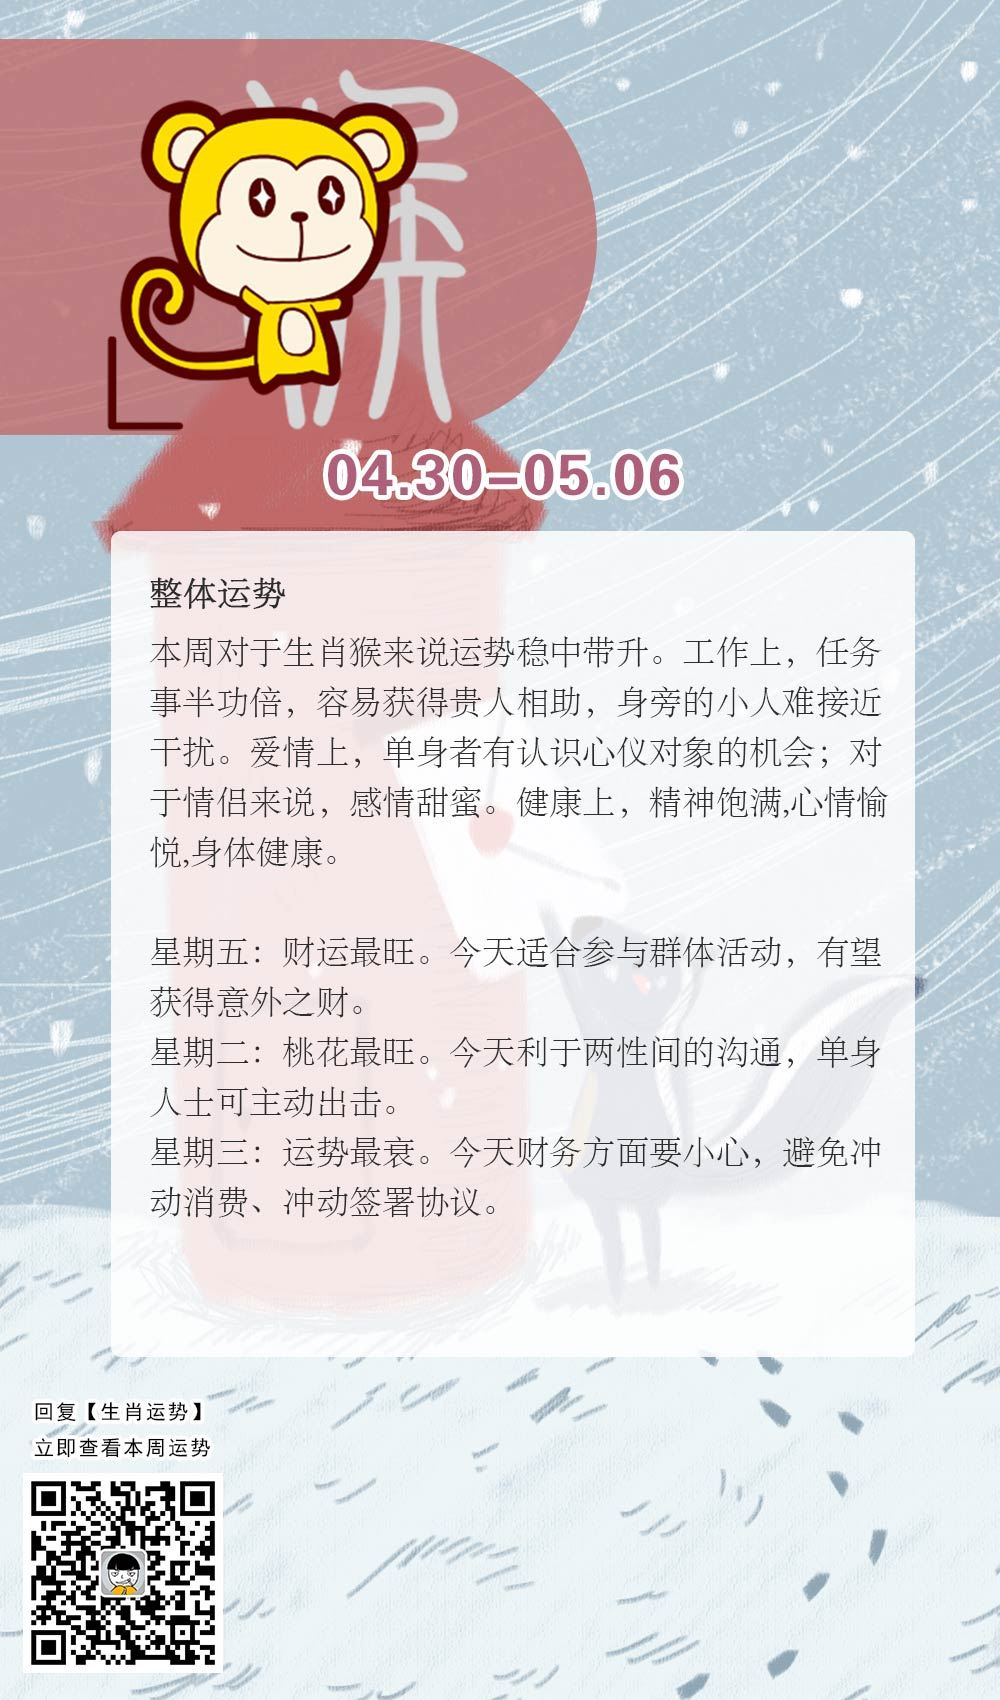 生肖猴本周运势【2018.04.30-05.06】